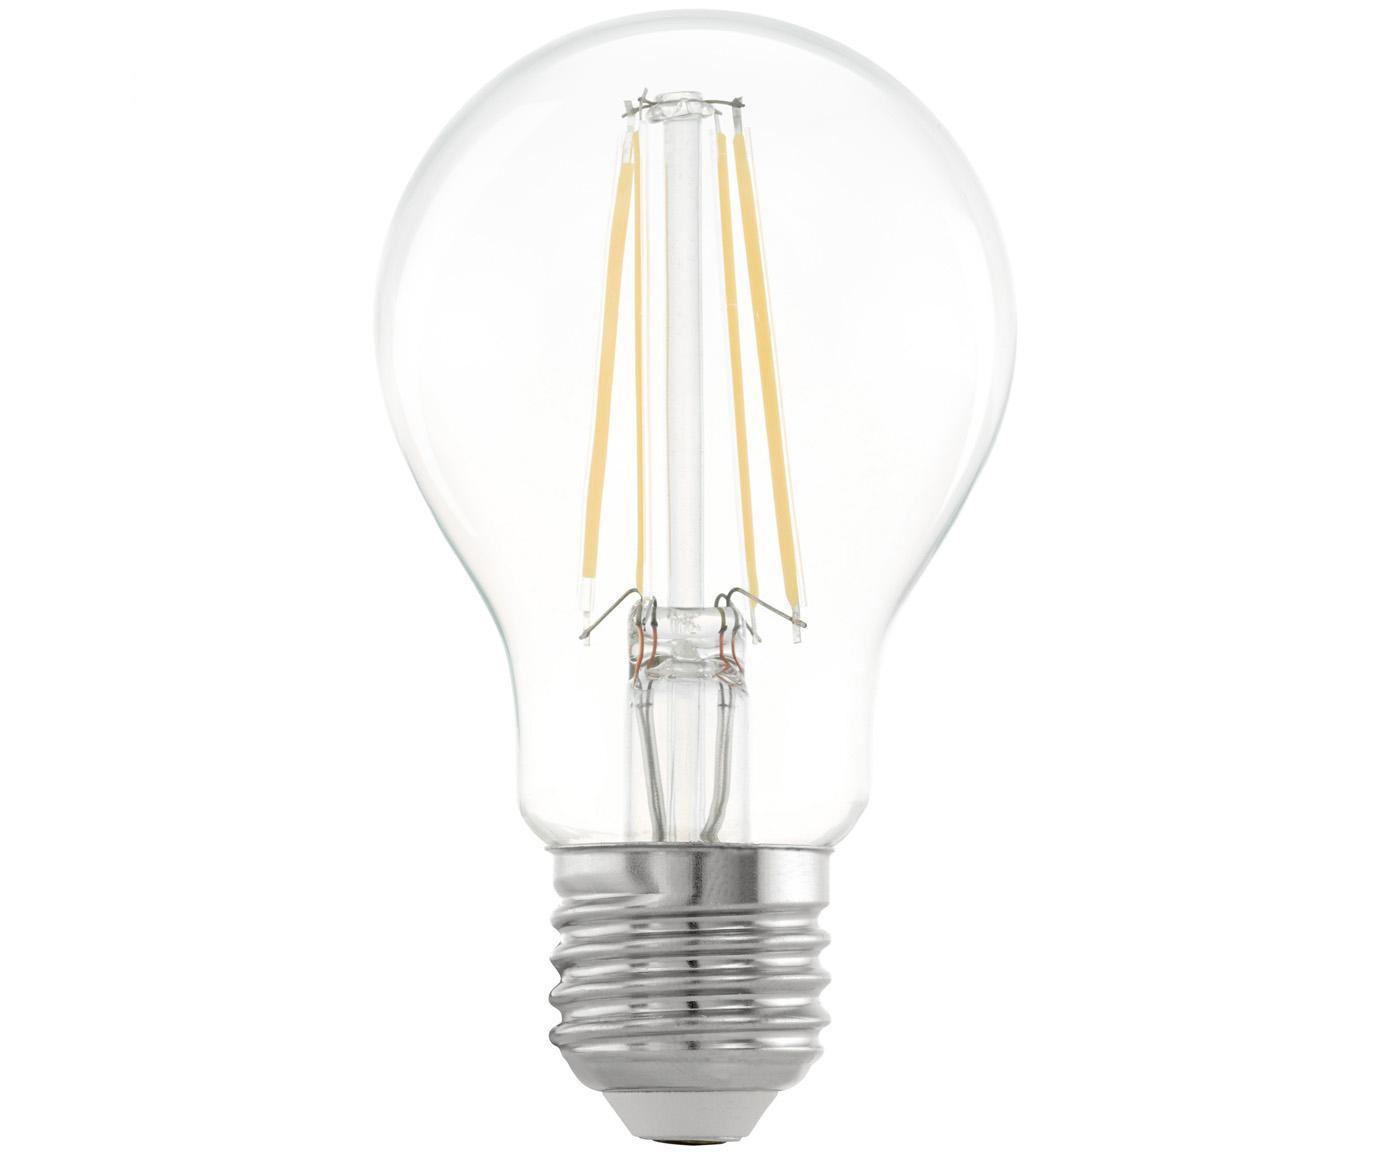 LED lamp Cord (E27 / 6W), Peertje: glas, Fitting: aluminium, Transparant, Ø 6 x H 10 cm